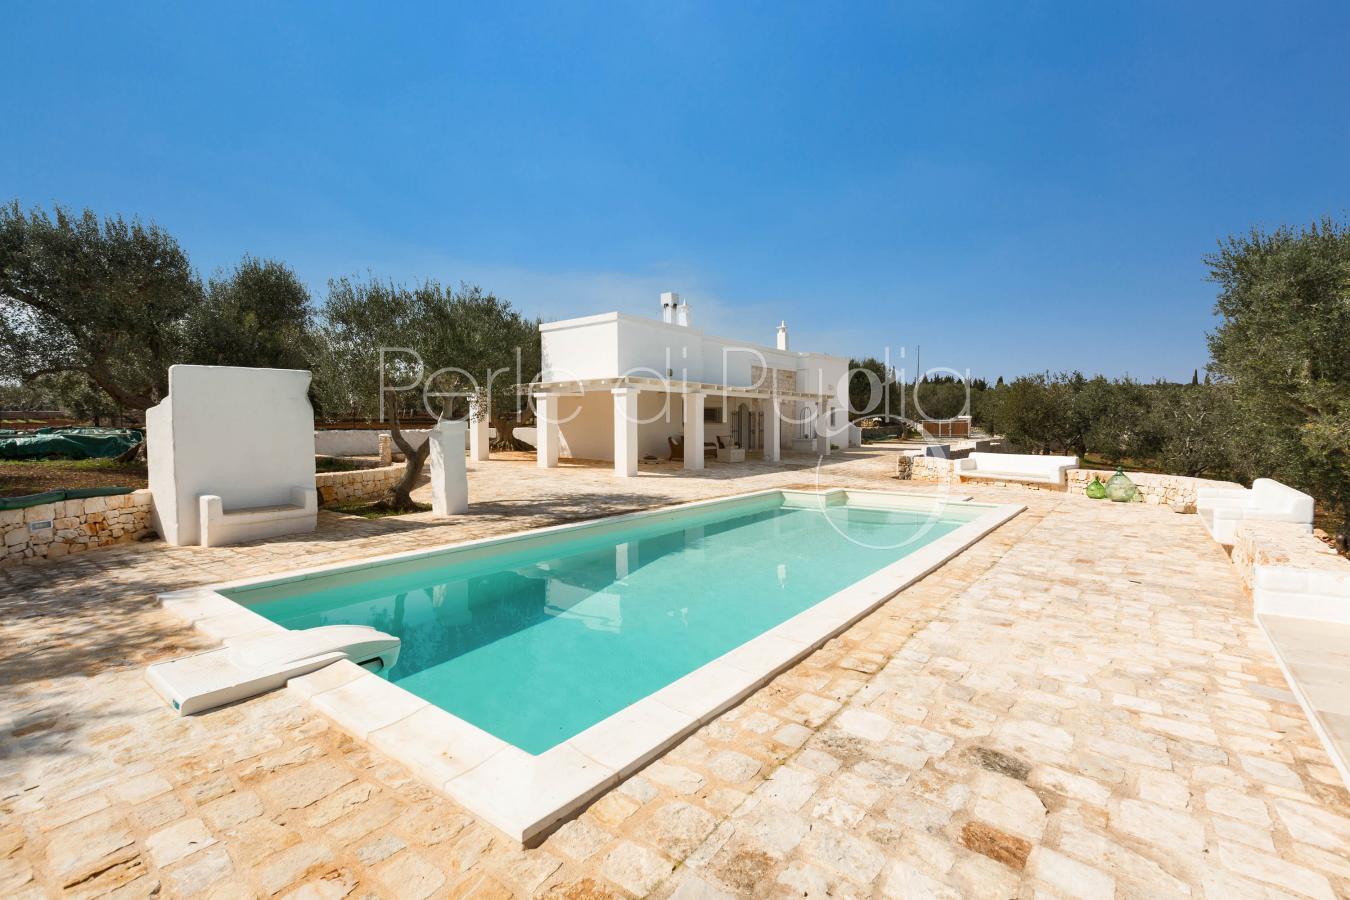 Popolare Villa di charme con piscina e campo da golf a Ostuni | Lamacanale DR93